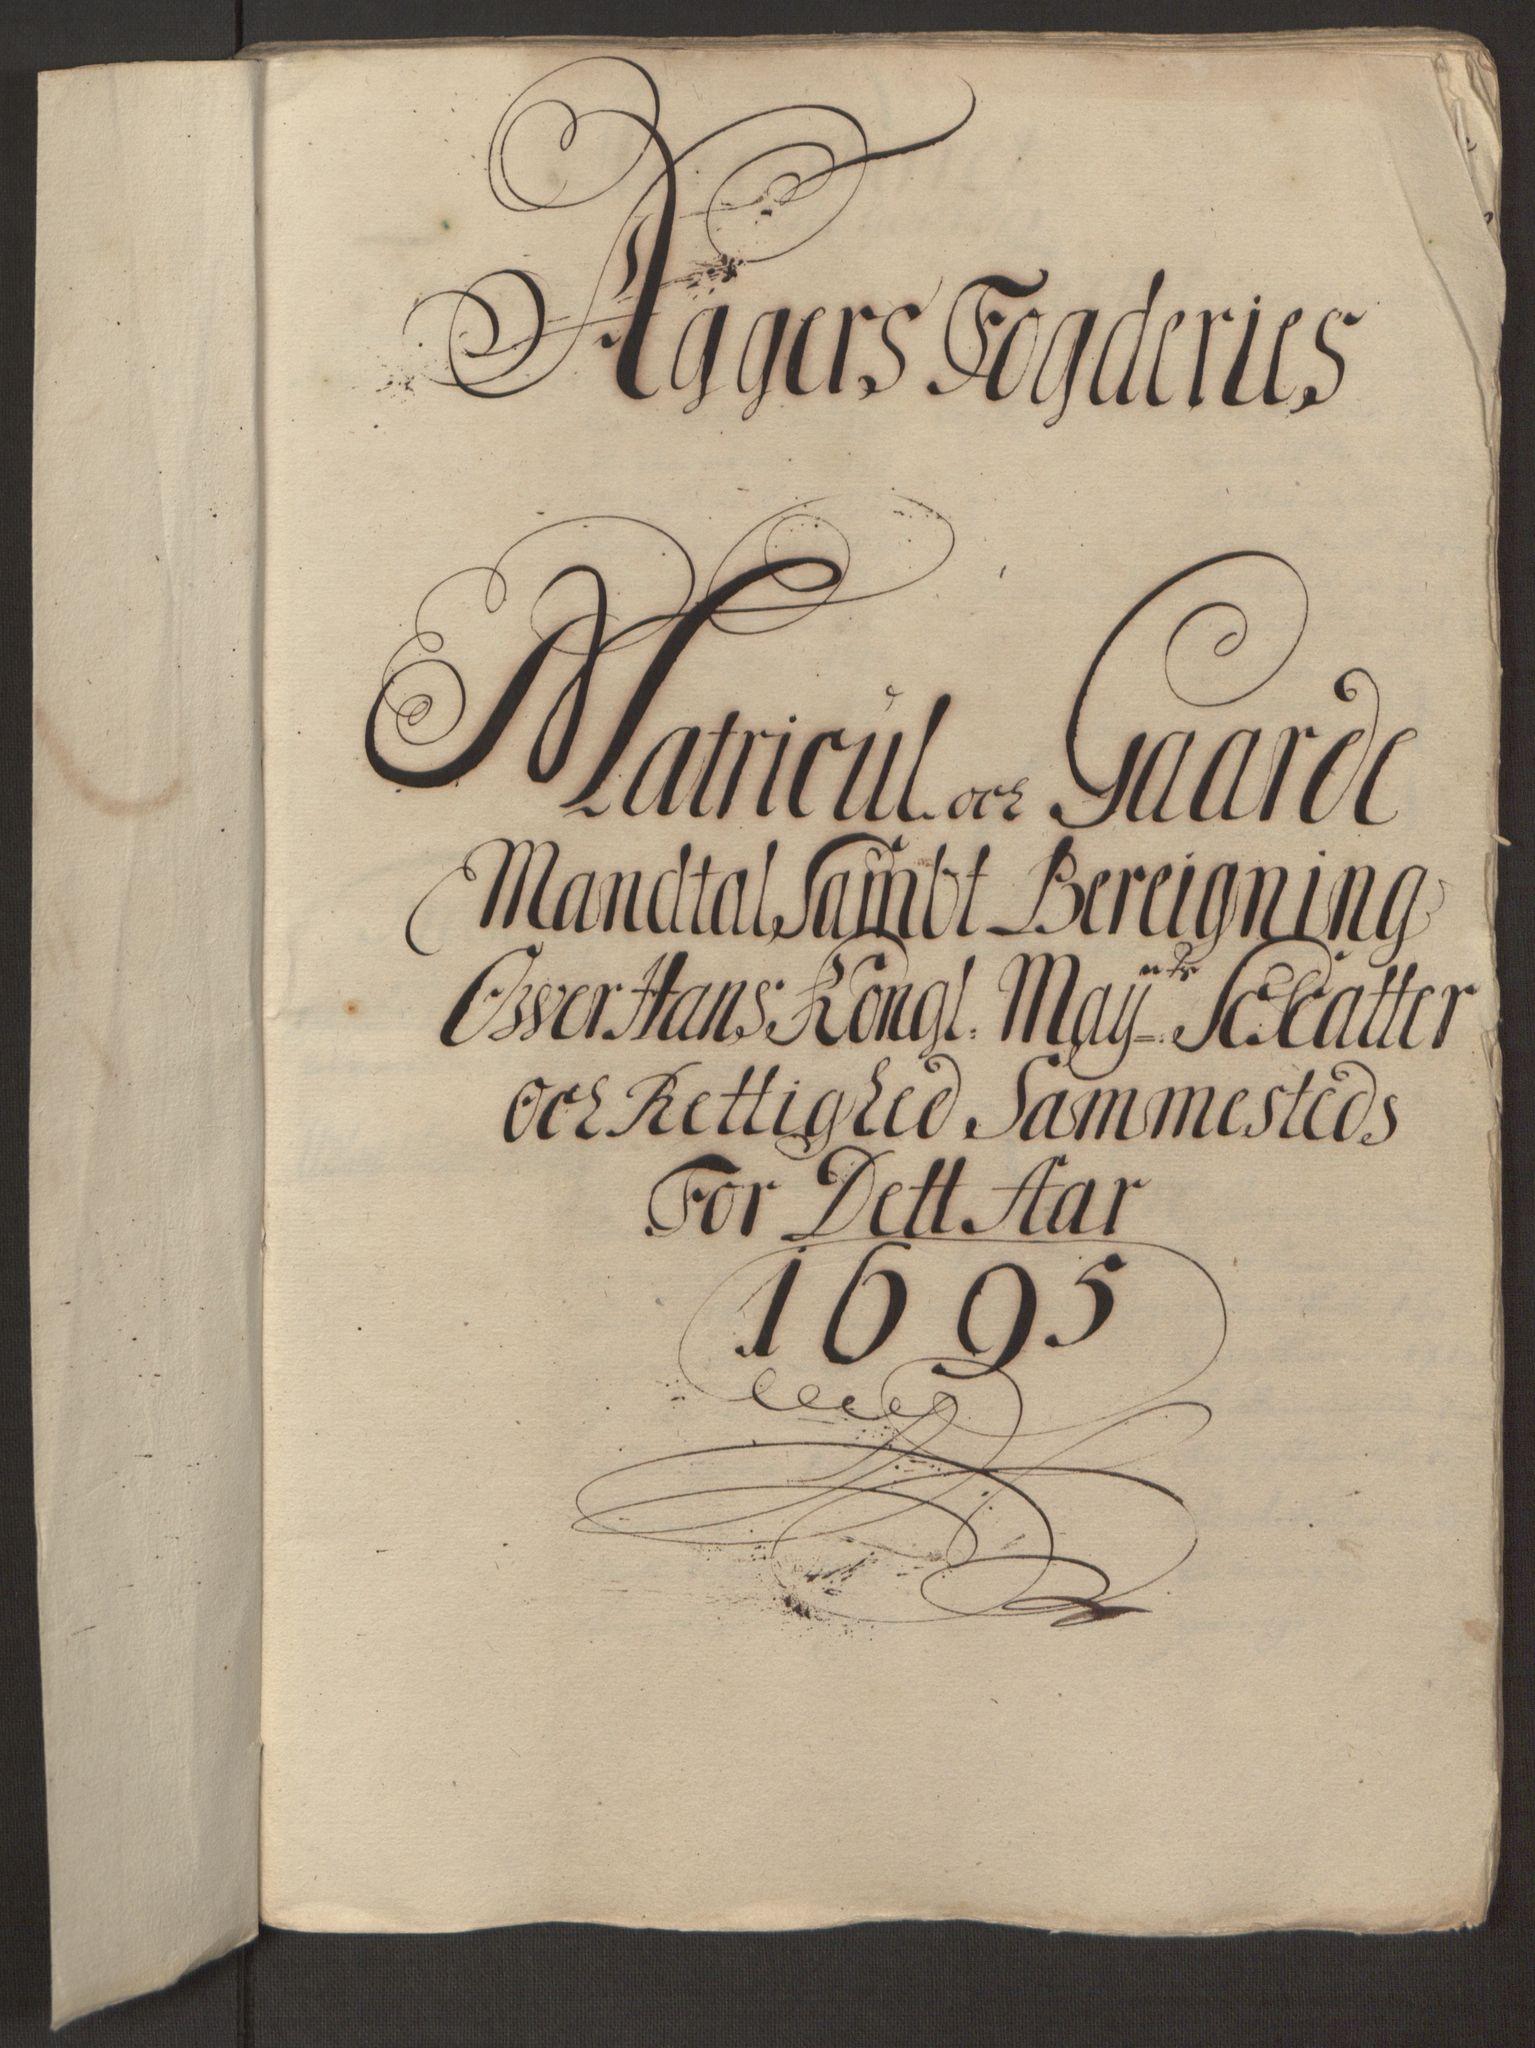 RA, Rentekammeret inntil 1814, Reviderte regnskaper, Fogderegnskap, R10/L0439: Fogderegnskap Aker og Follo, 1695, s. 30